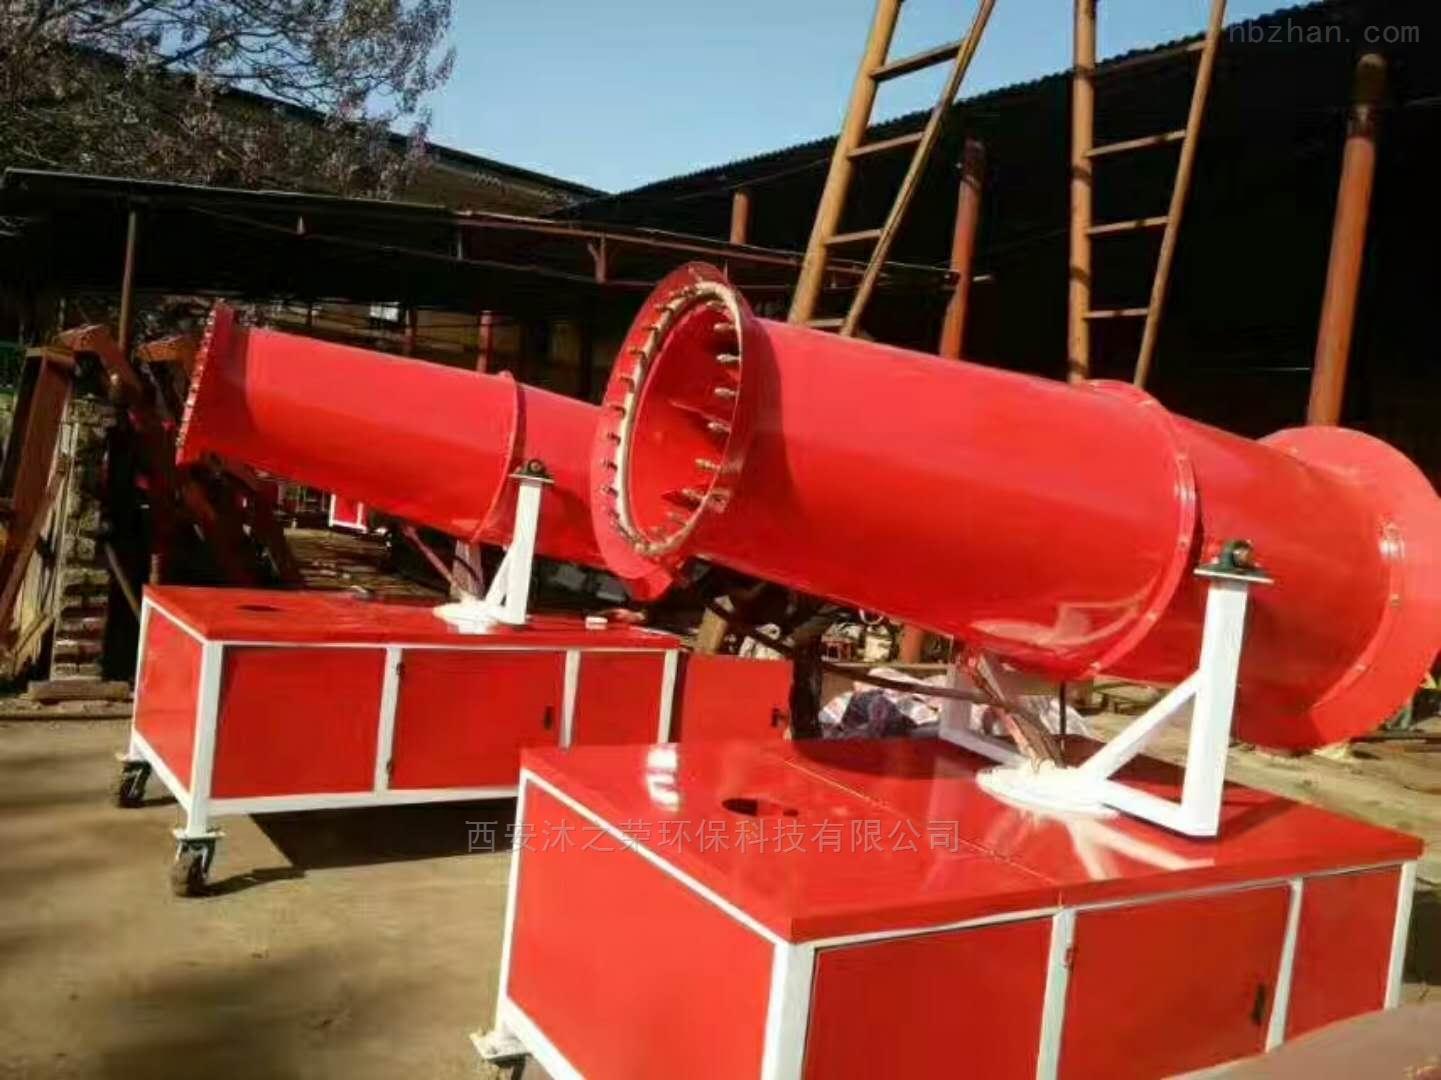 MR-40 / 50-工地喷雾机,车载雾炮机,射雾器